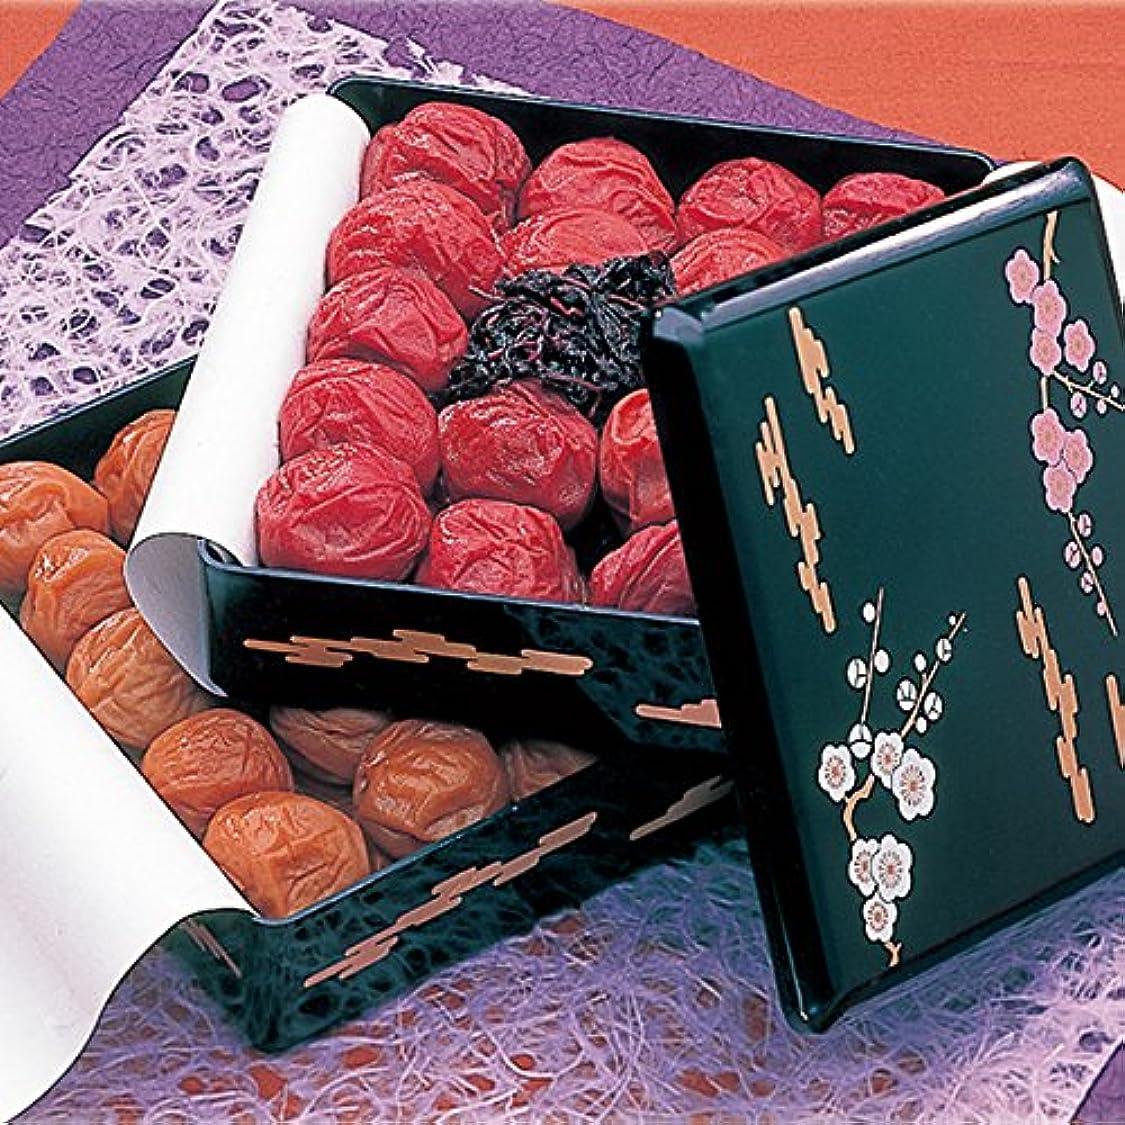 大脳ライフル熱望する重箱二段(500g×2段) 梅の味の種類はメール等でご連絡お願いします。